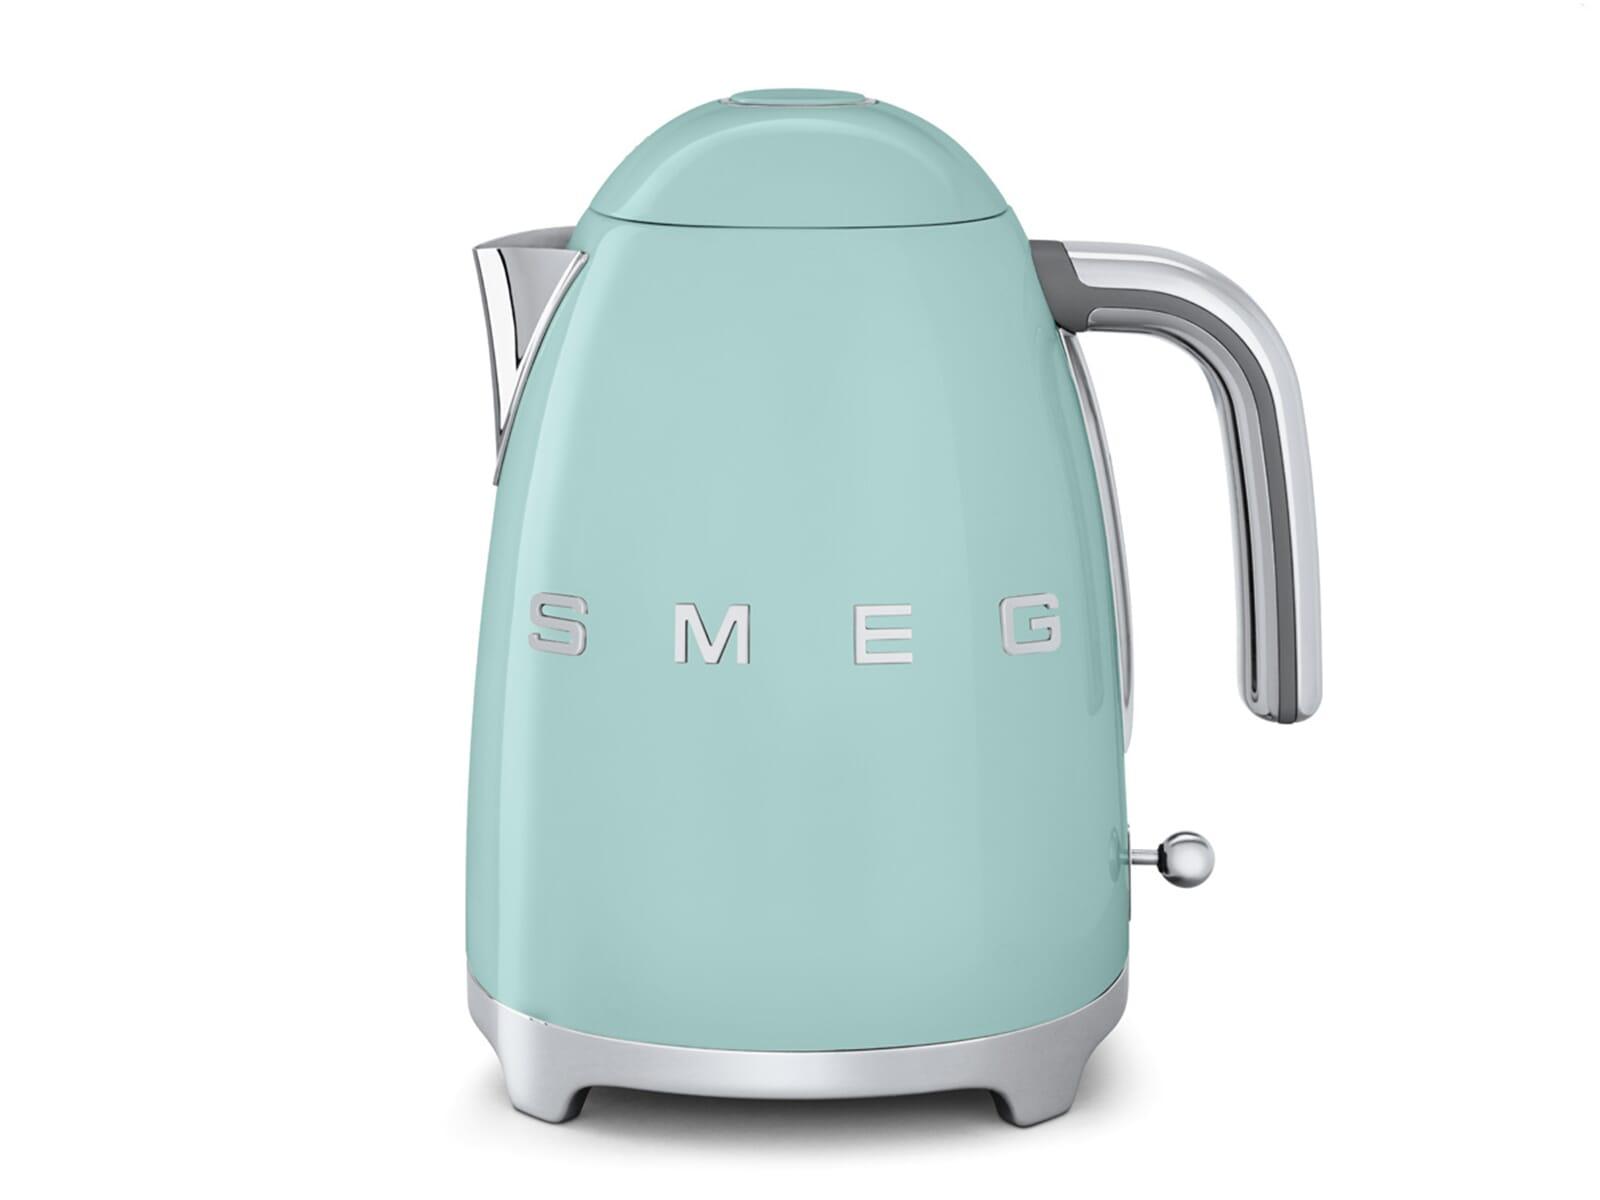 Smeg Kühlschrank Pastellgrün : Smeg klf03pgeu wasserkocher pastellgrün